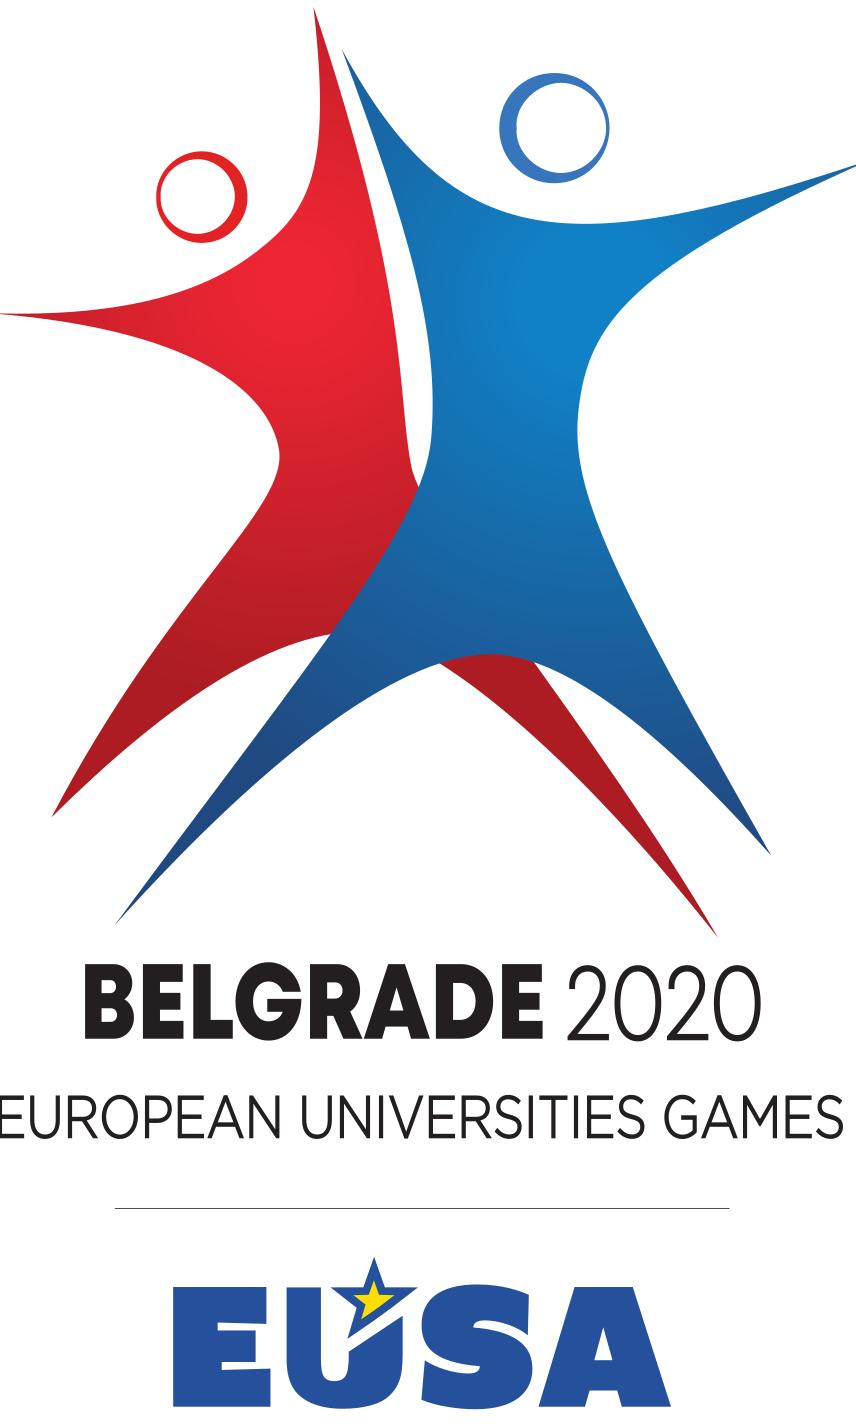 EUG Belgrade 2020 logo